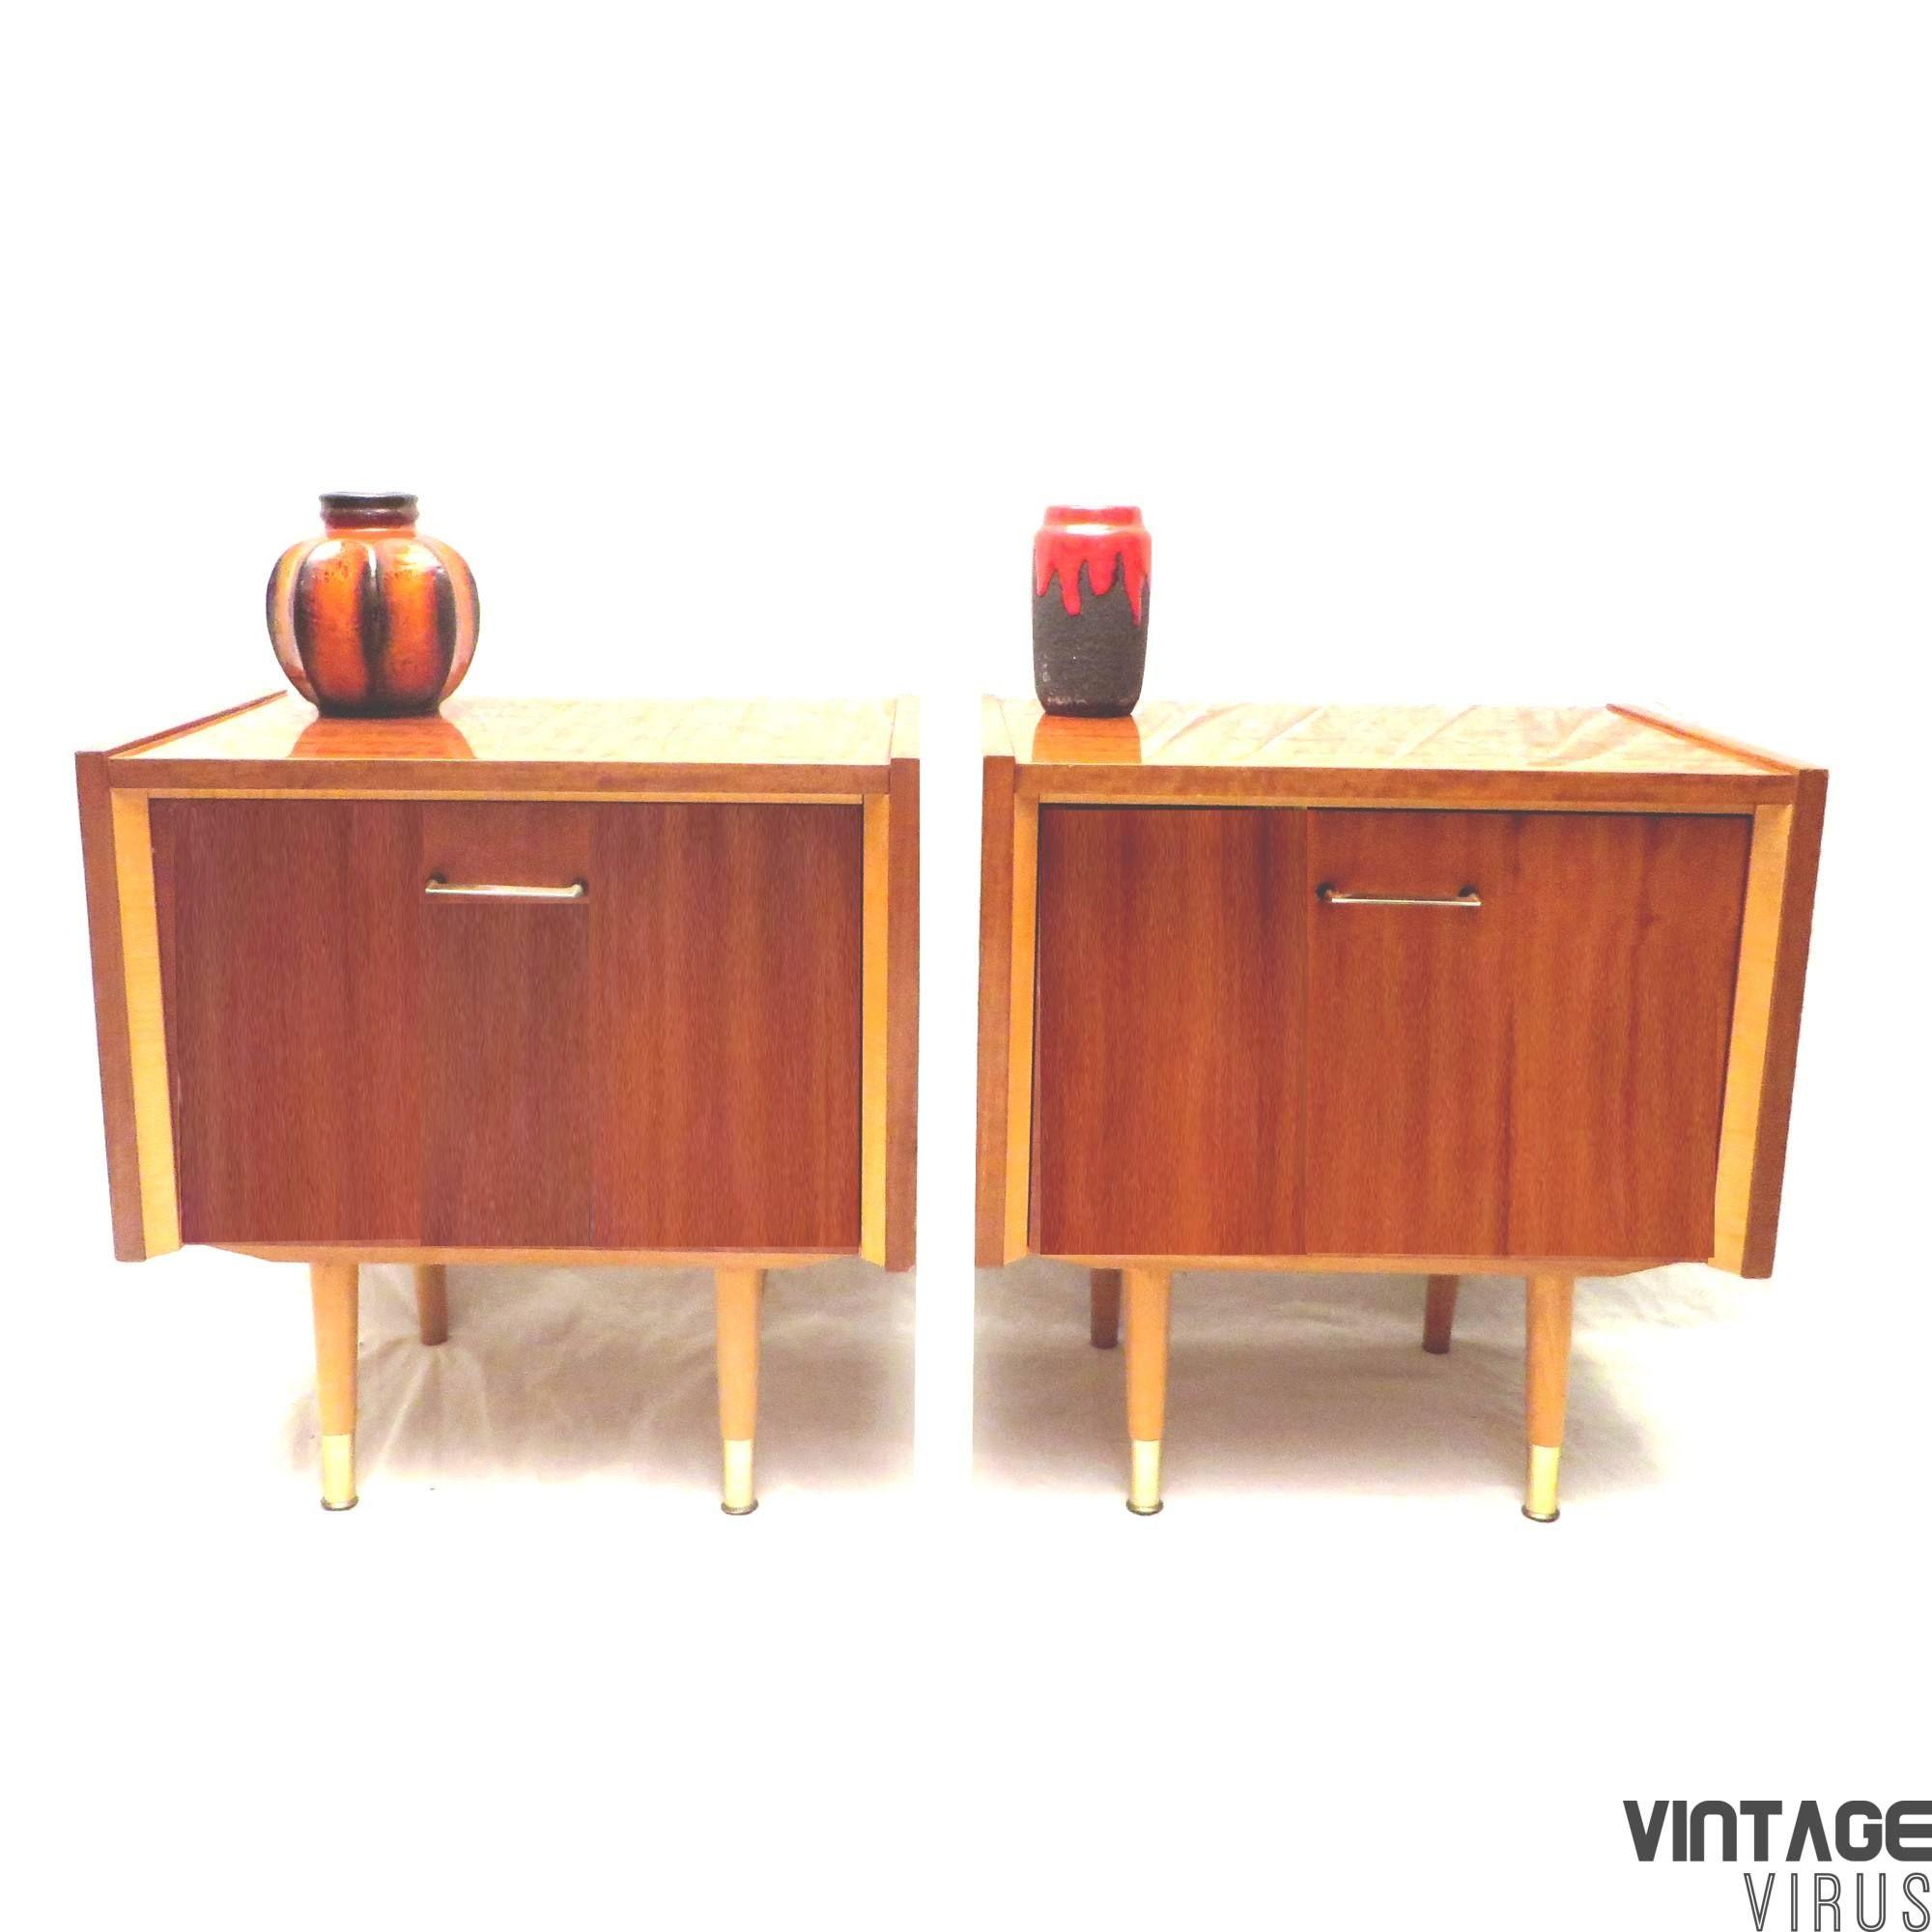 Vintage nachtkastjes / dressoirkastjes met houten pootjes uit de jaren '60 '70. Nu te koop bij Vintage Virus in Amsterdam of te bestellen in onze webshop.